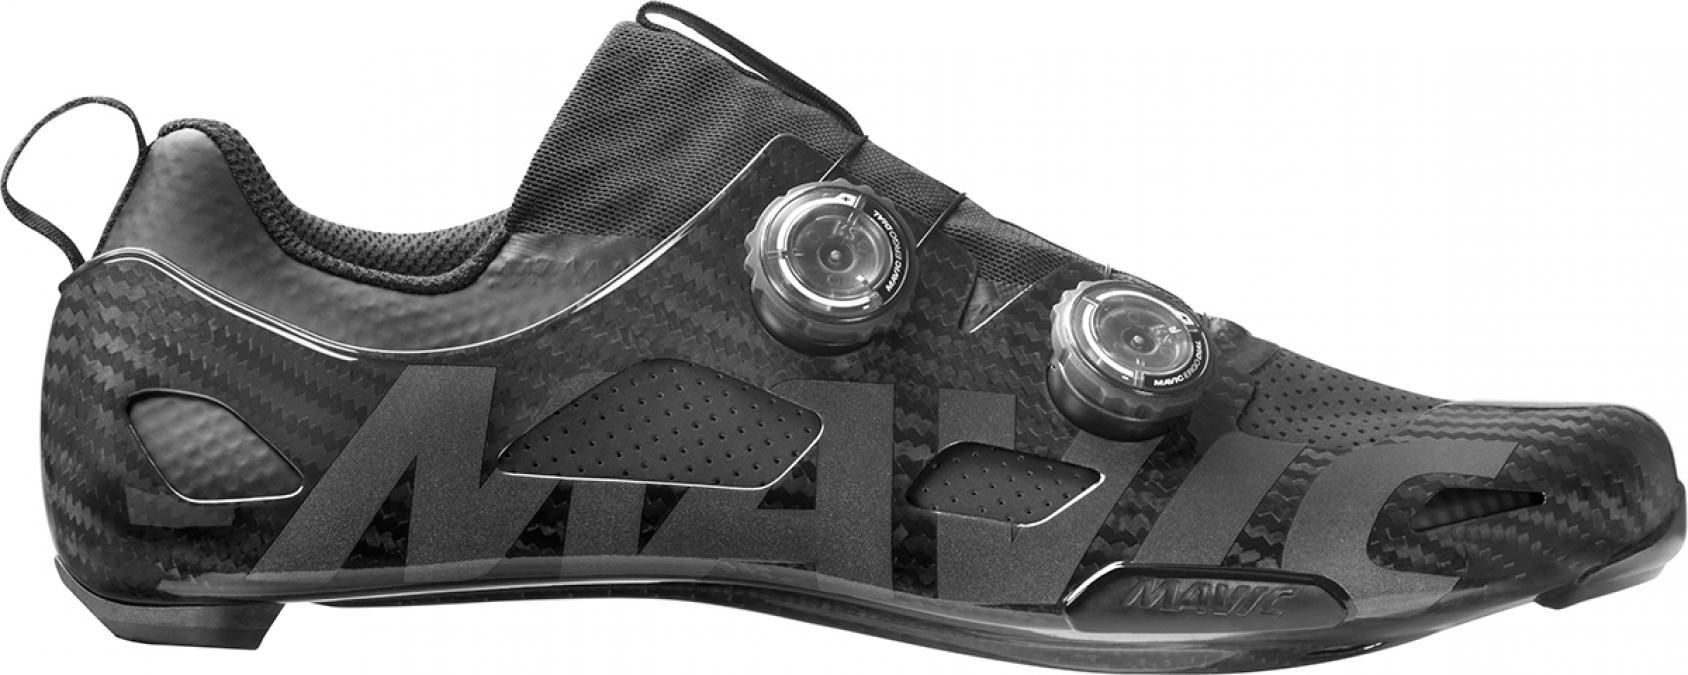 Mavic Comete Ultimate shoes